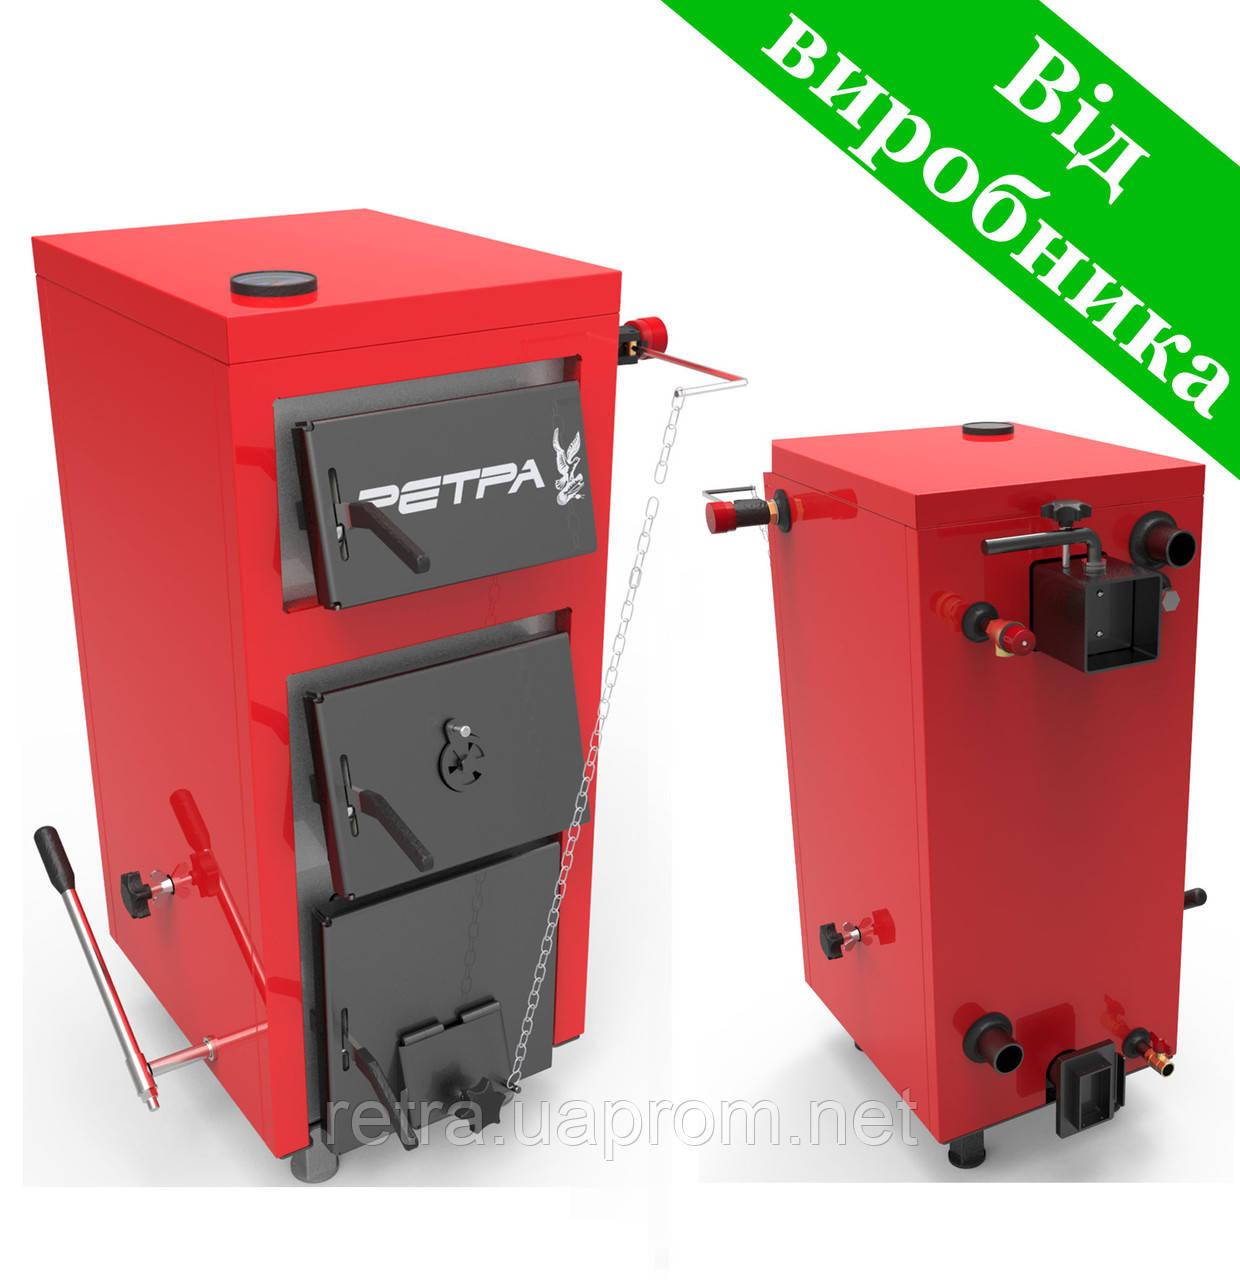 Котел твердотопливный Ретра-5М 15 кВт длительного горения